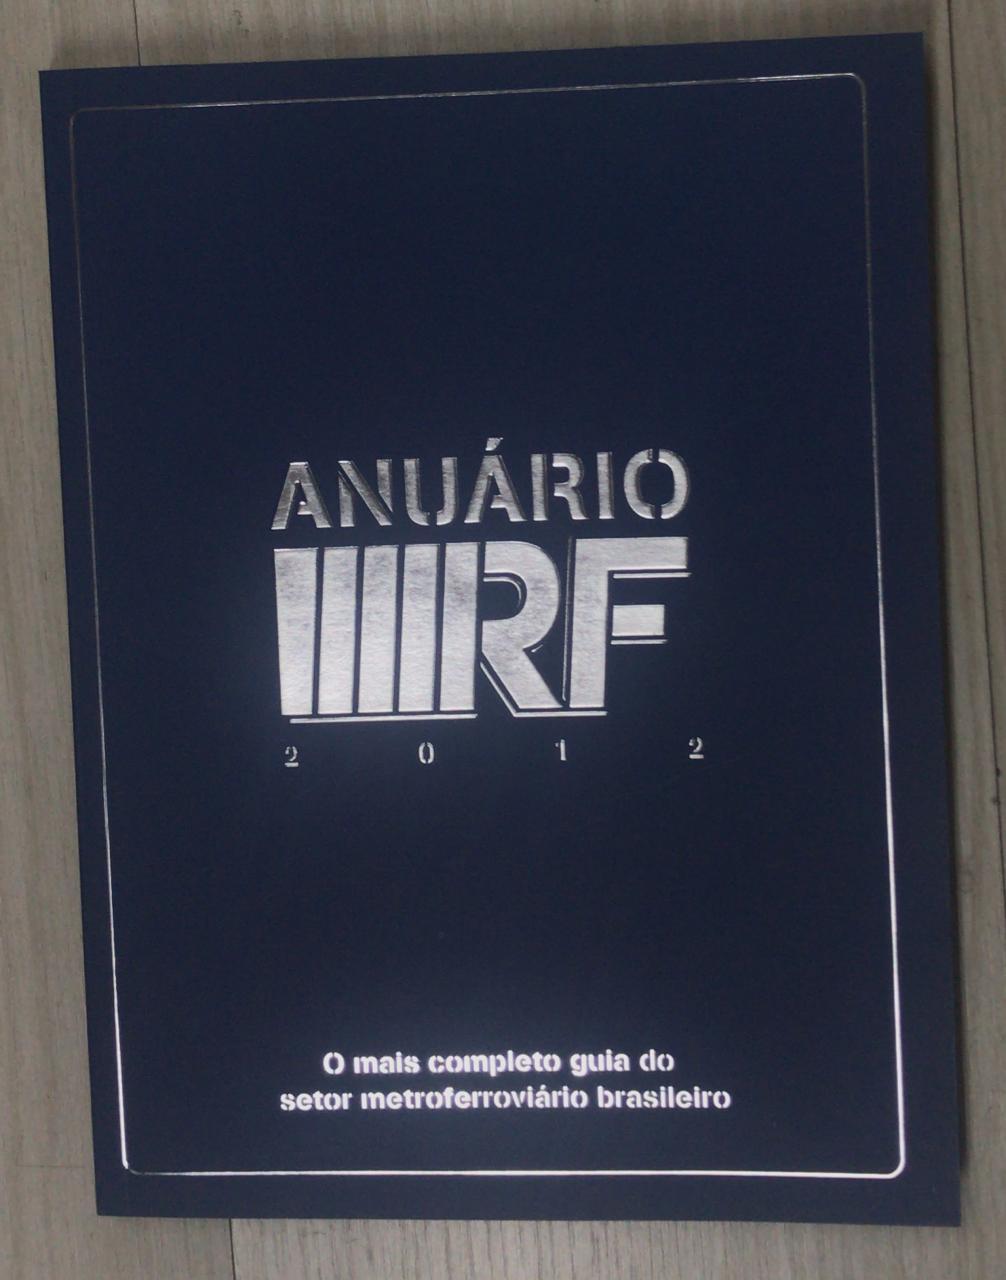 Anuário Revista Ferroviária 2012